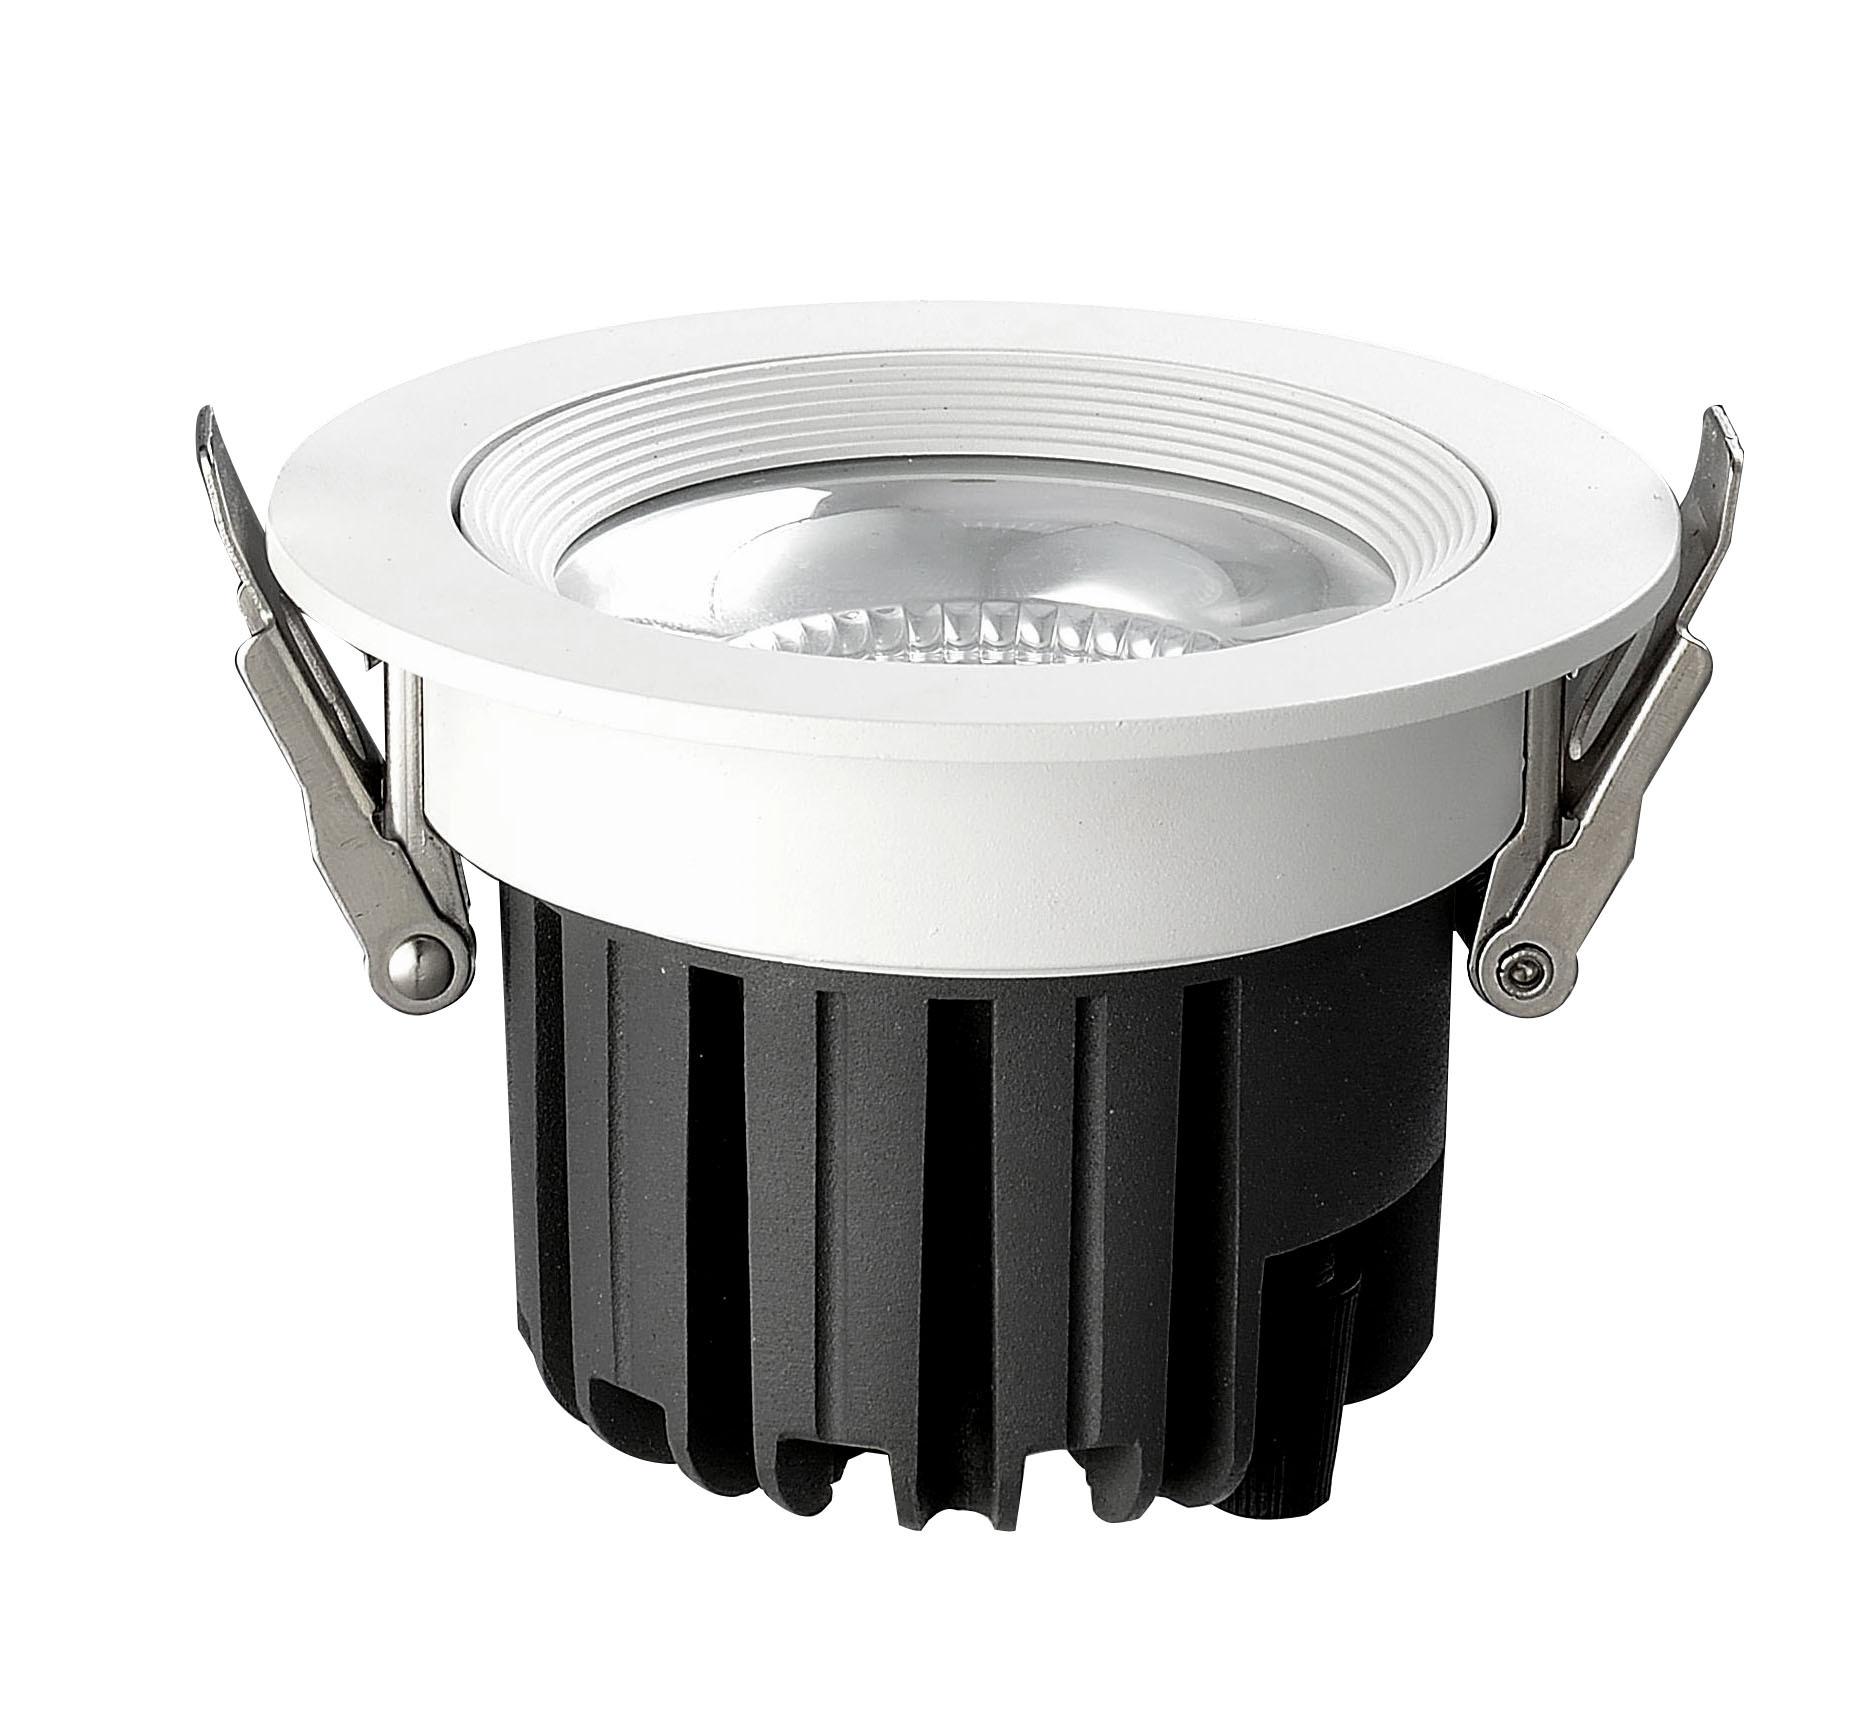 SENYUAN vỏ chụp đèn trần Bộ vỏ đèn downlight đúc Bộ đèn downlight LED Bộ vỏ đèn downlight